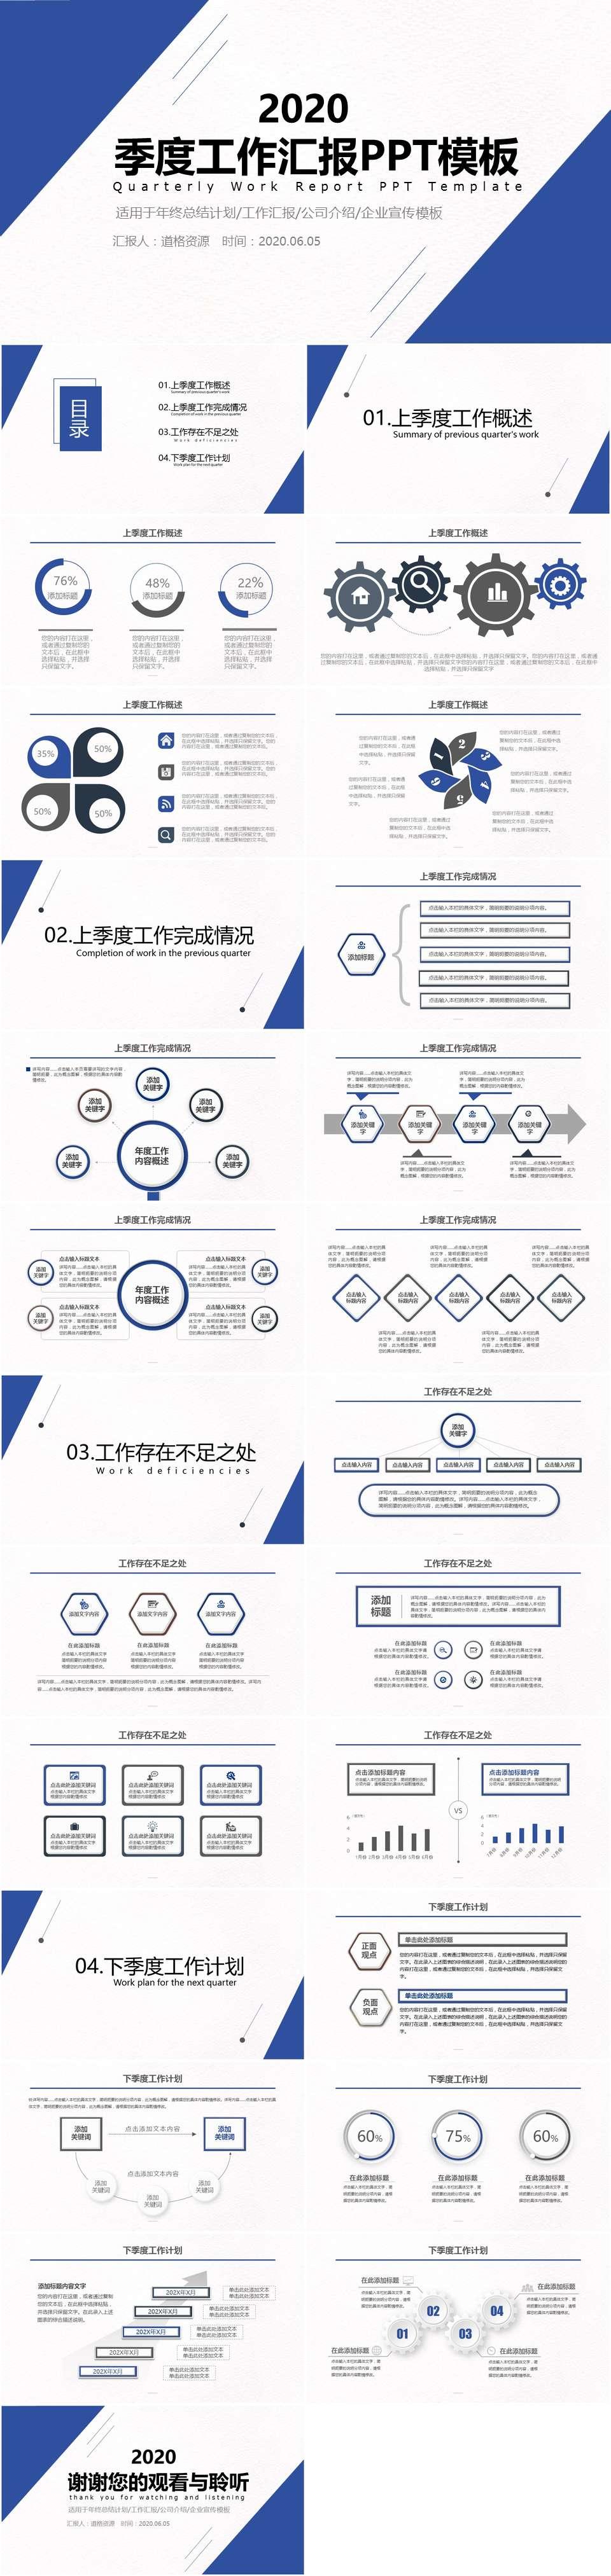 2019简约商务风季度工作汇报工作总结PPT模板插图1